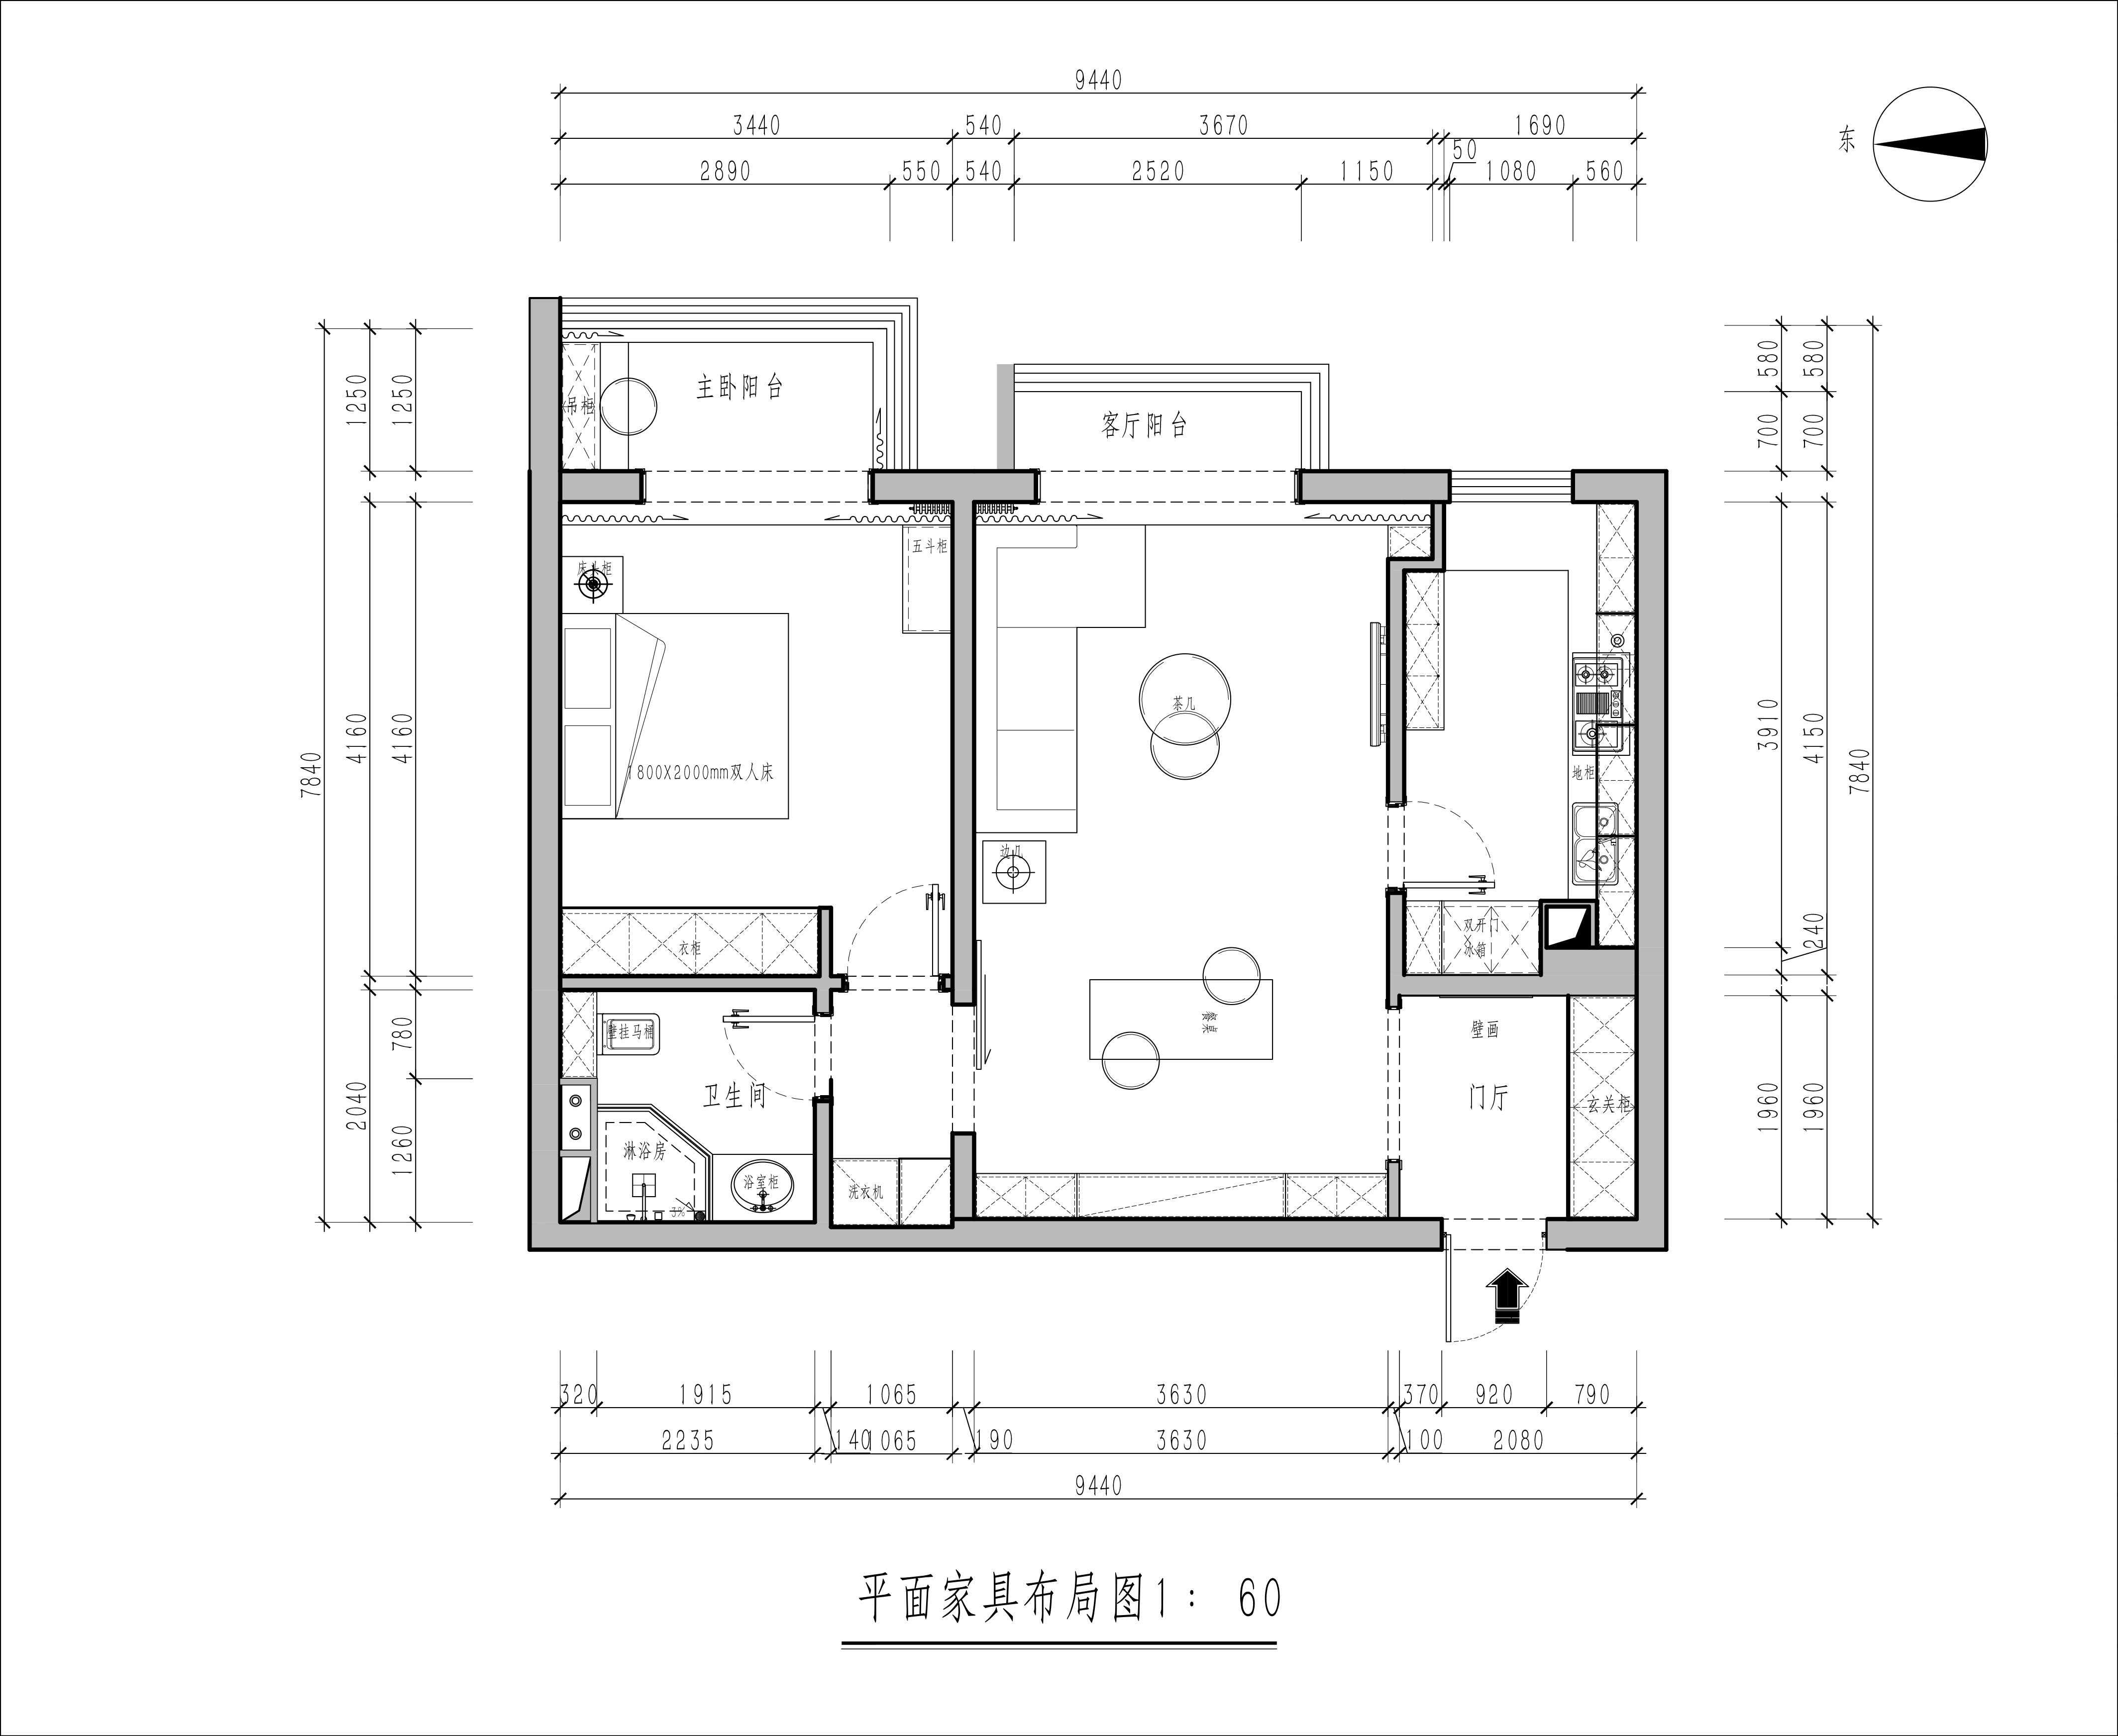 国风北京-60平米-现代风格装修效果图装修设计理念